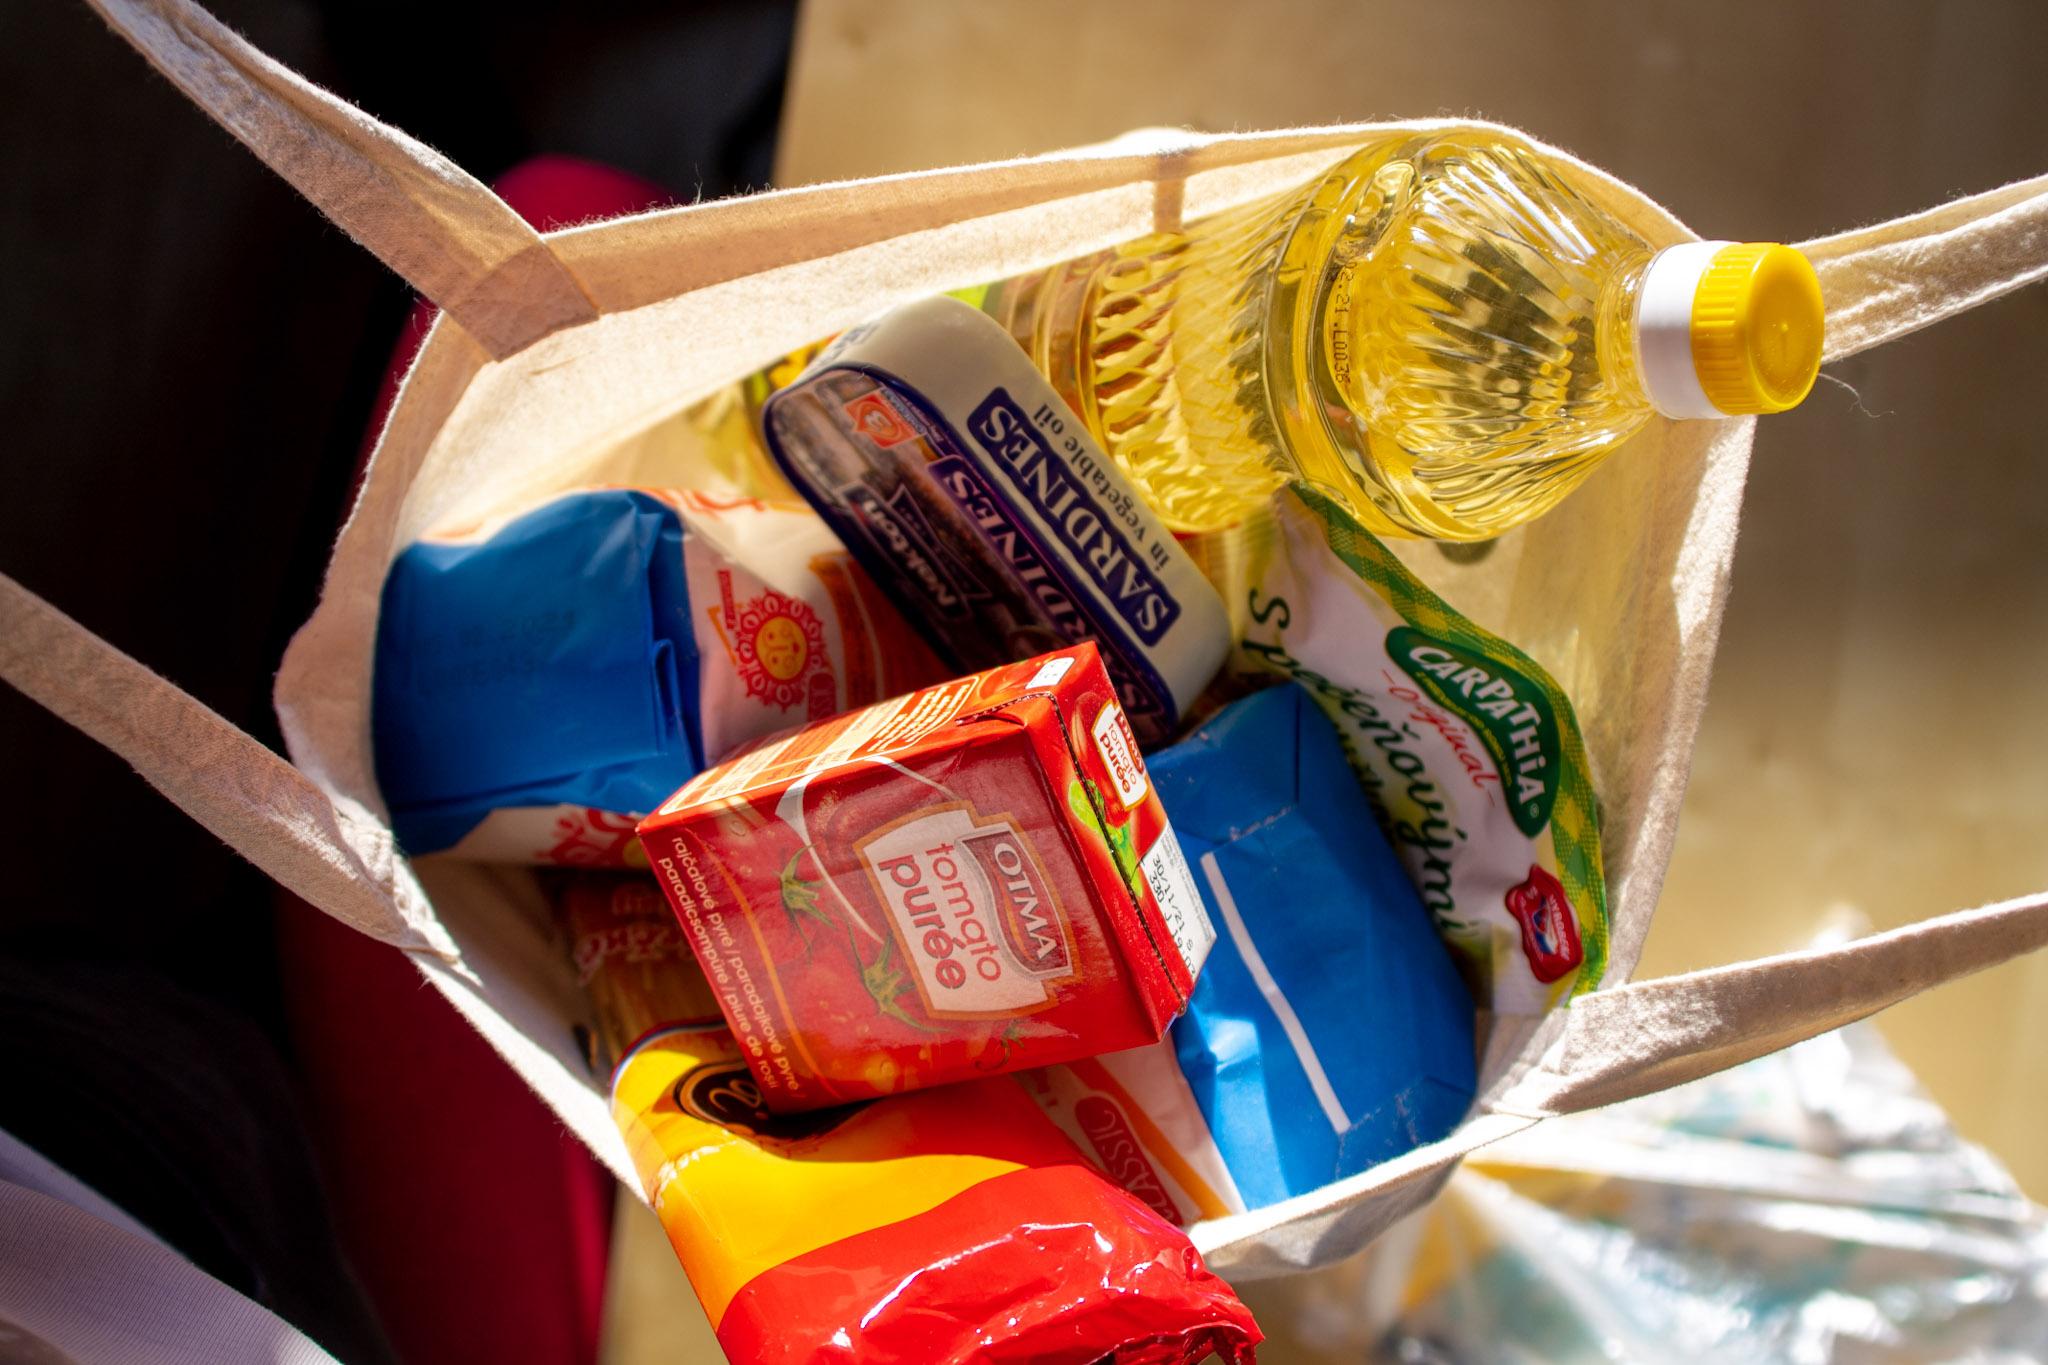 Nákupná taška plná nákupu